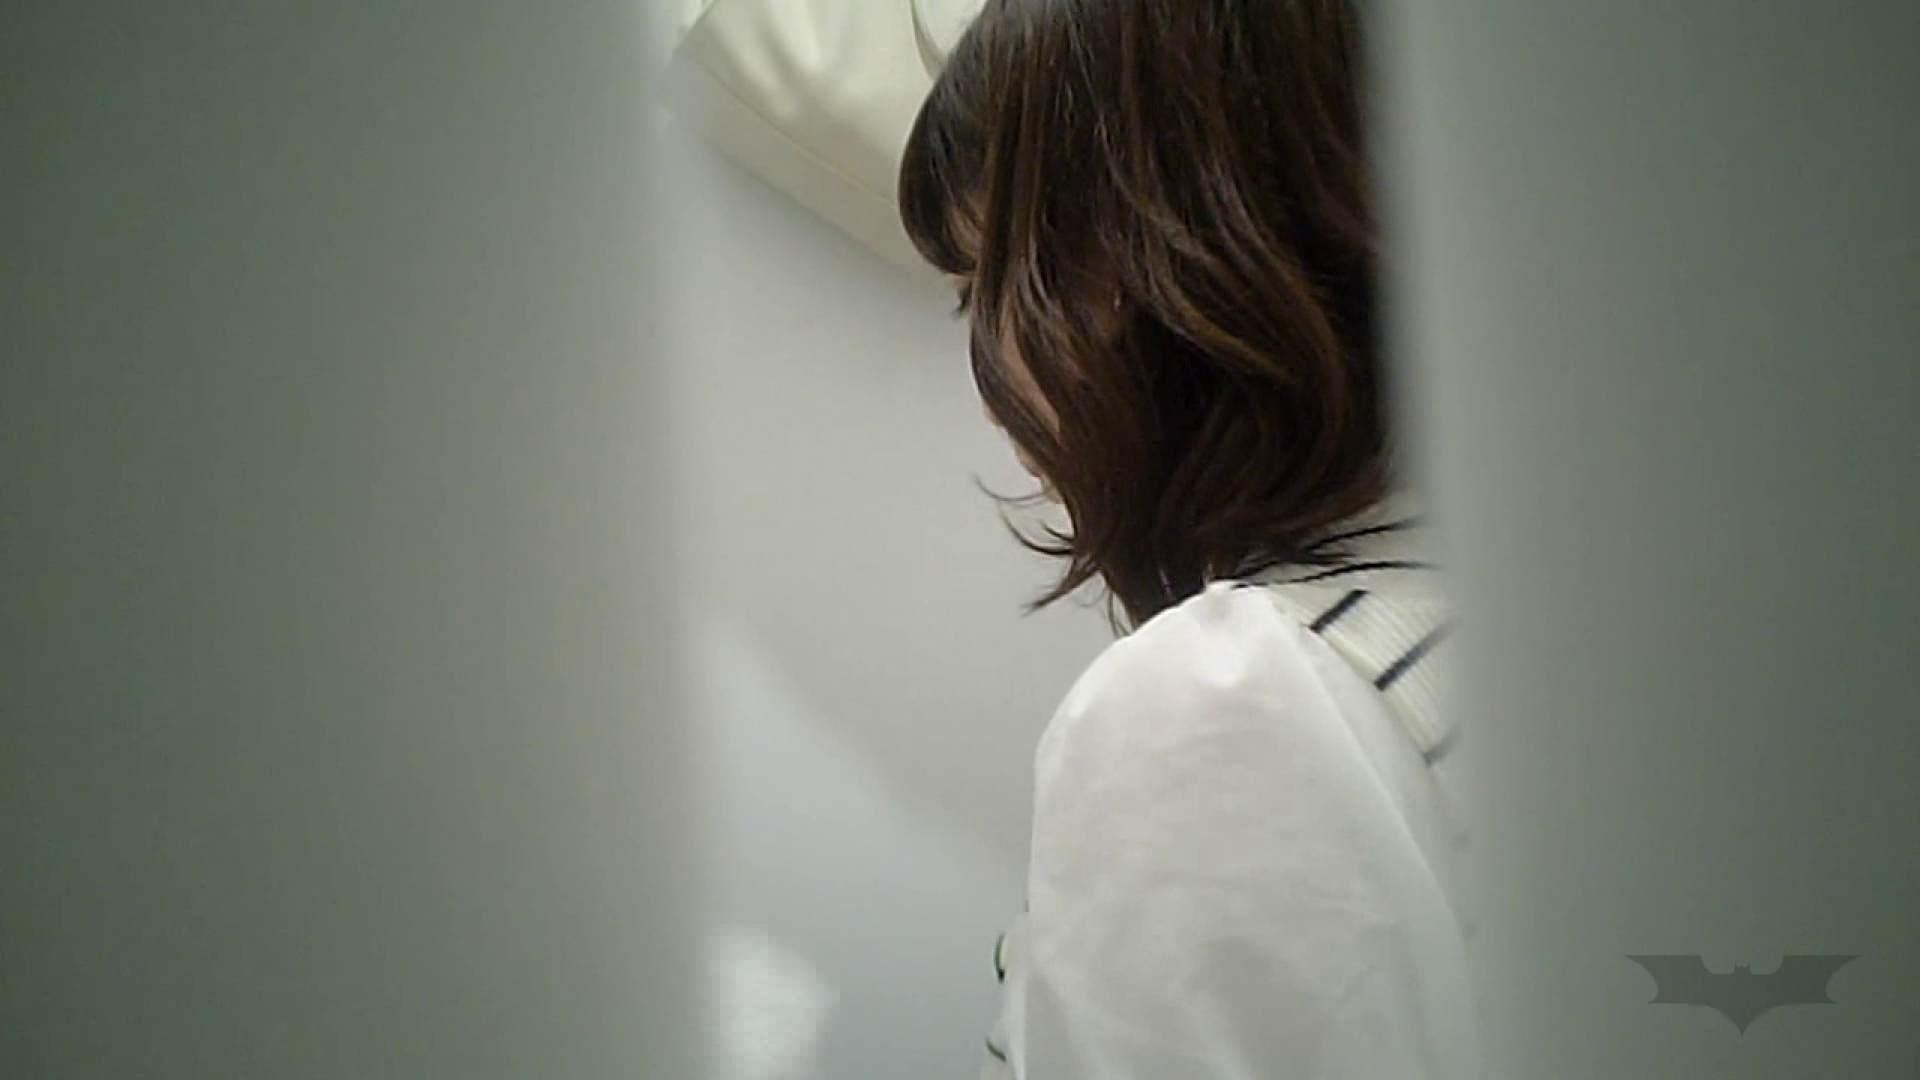 有名大学女性洗面所 vol.37 ついでにアンダーヘアーの状態確認ですね。 投稿 ワレメ無修正動画無料 76枚 16